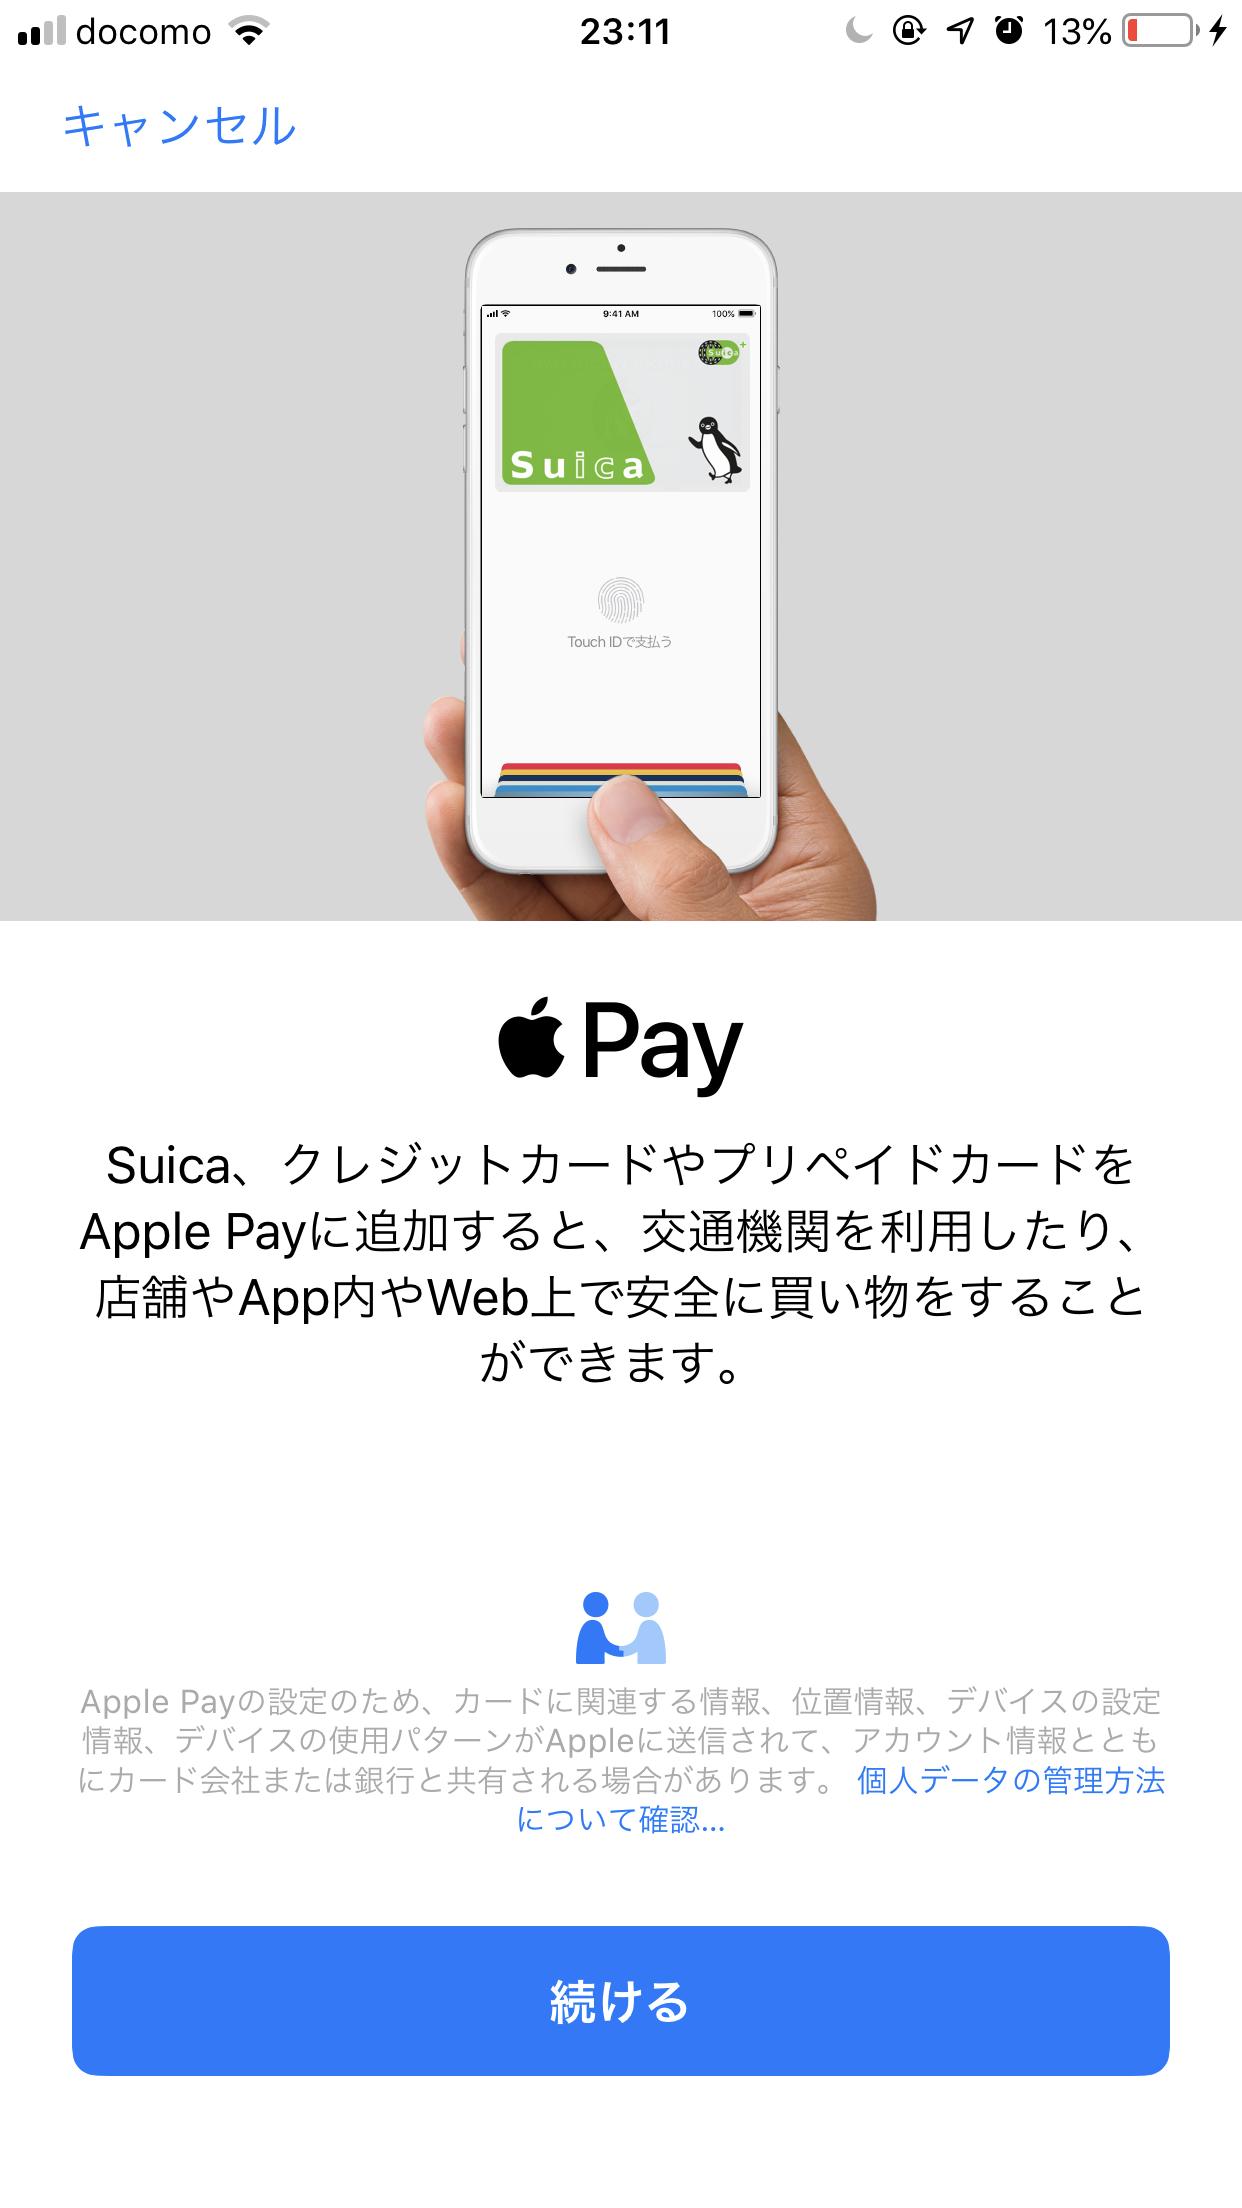 Apple pay紹介画面